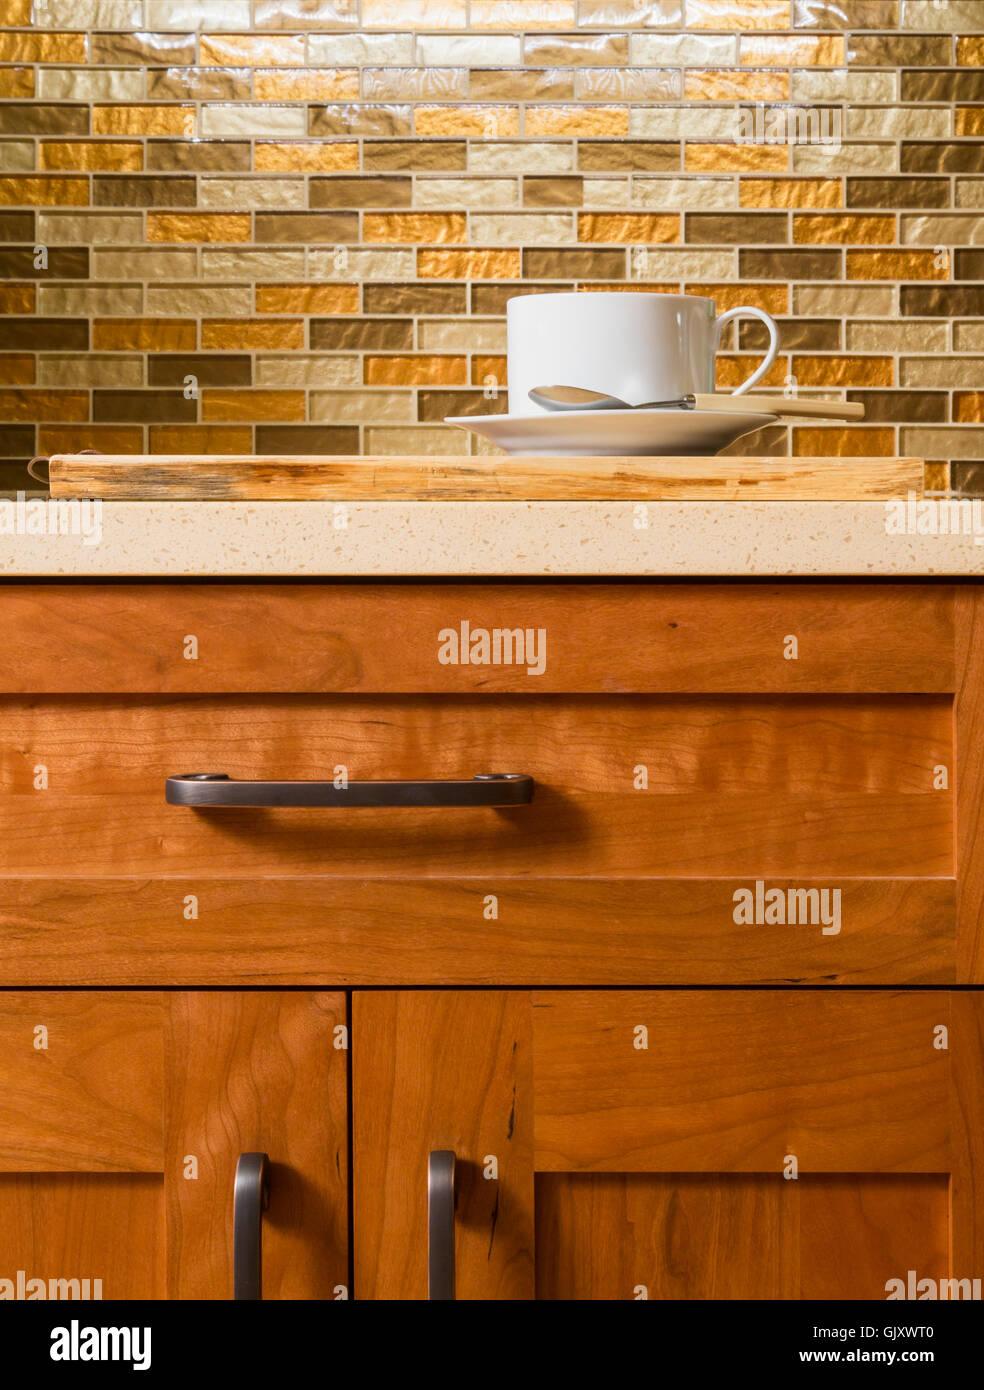 Hochwertige Holz Schränke mit Bronze cabinet Hardware & Glas Fliesen ...